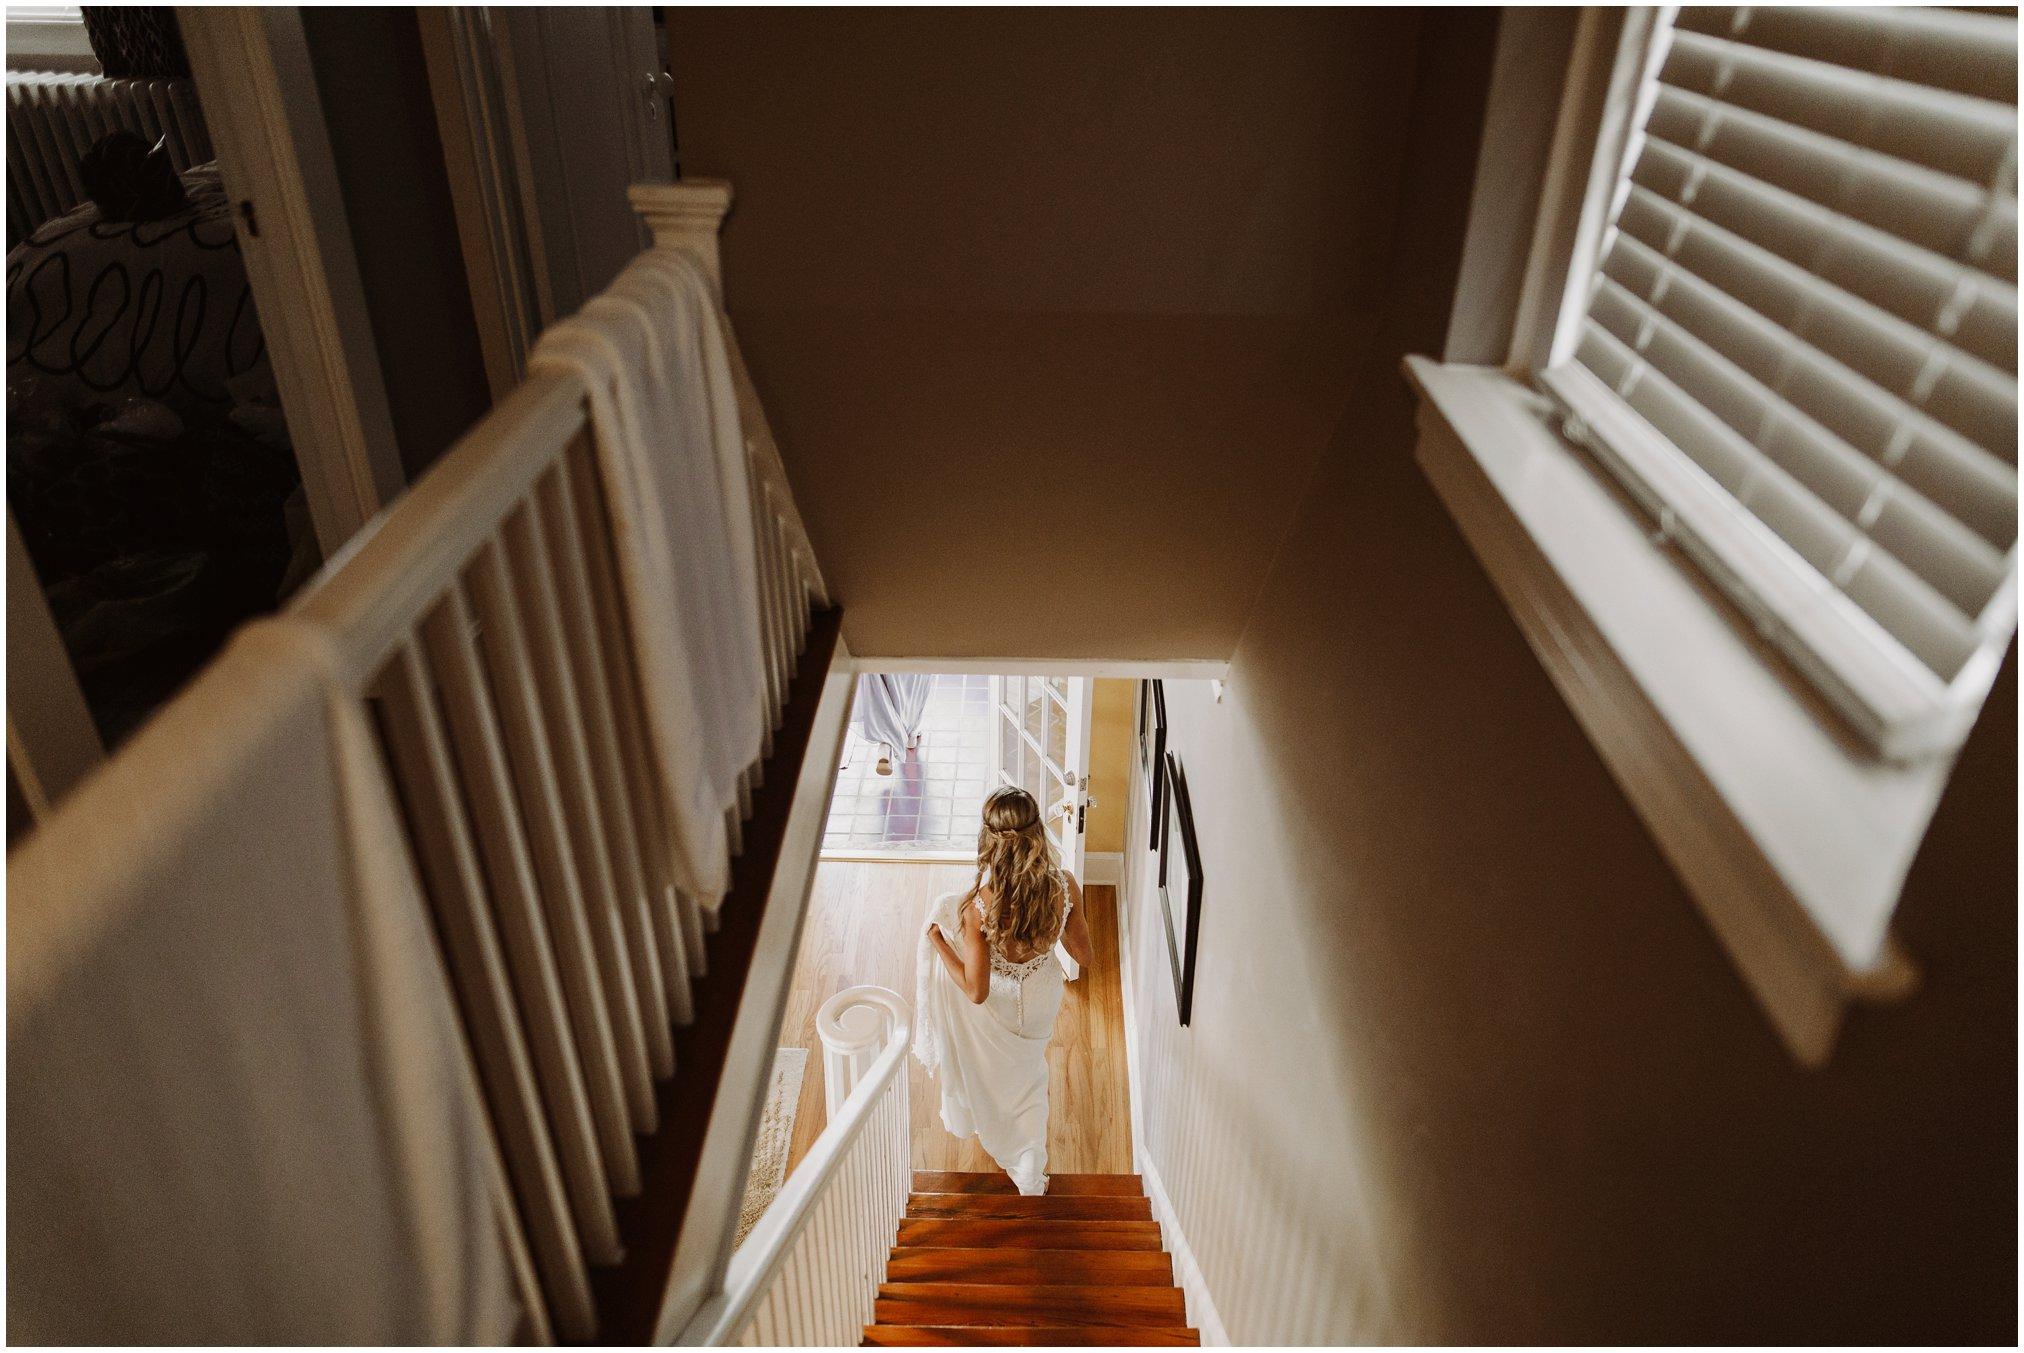 Annapolis Wedding Photographer, Kate Ann Photography, Timberlake Farm, Timberlake Farm Wedding, Airbnb wedding, Annapolis Bride